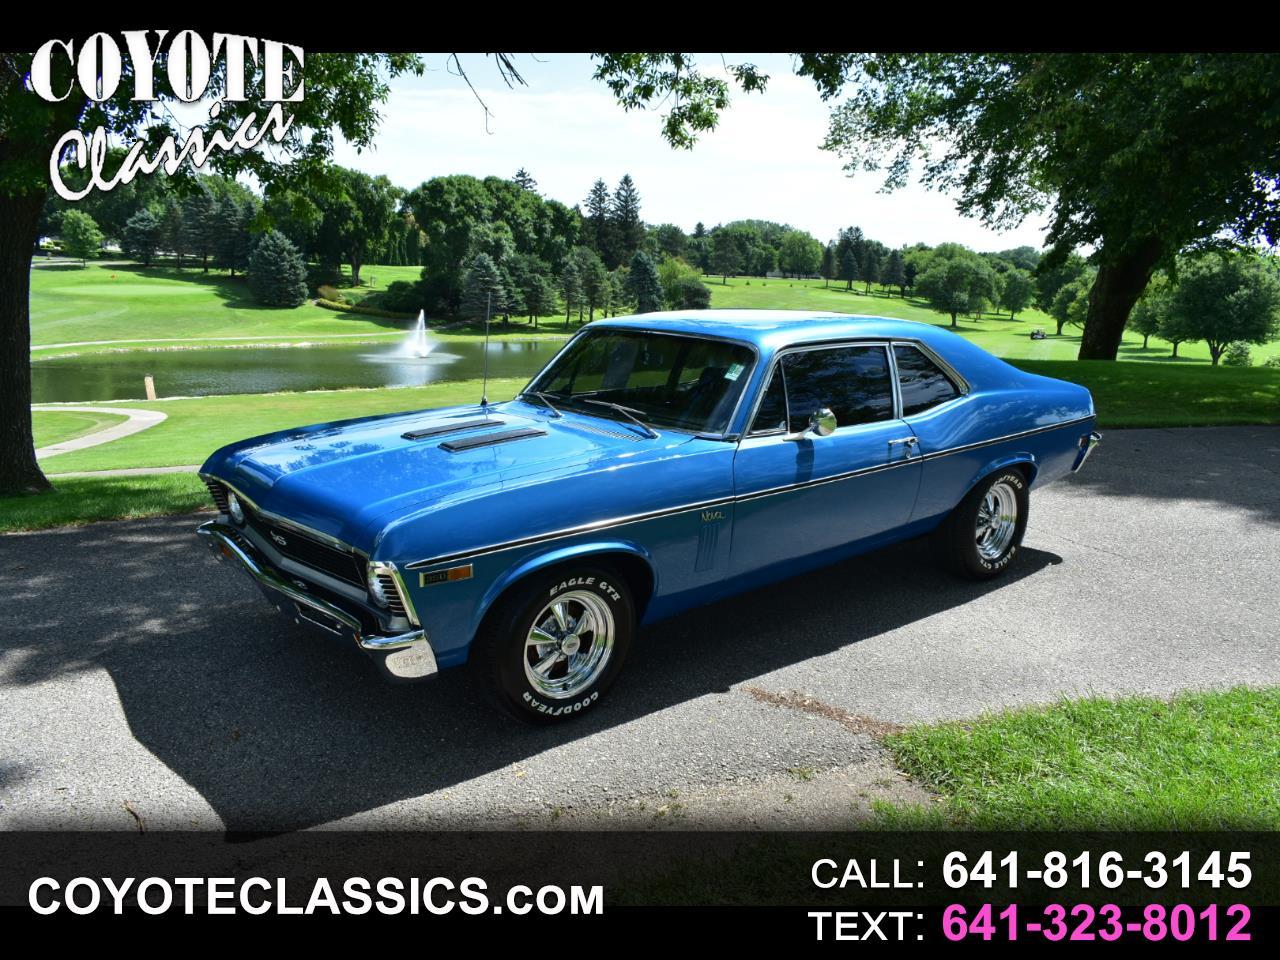 1969 Chevrolet Nova Super Sport